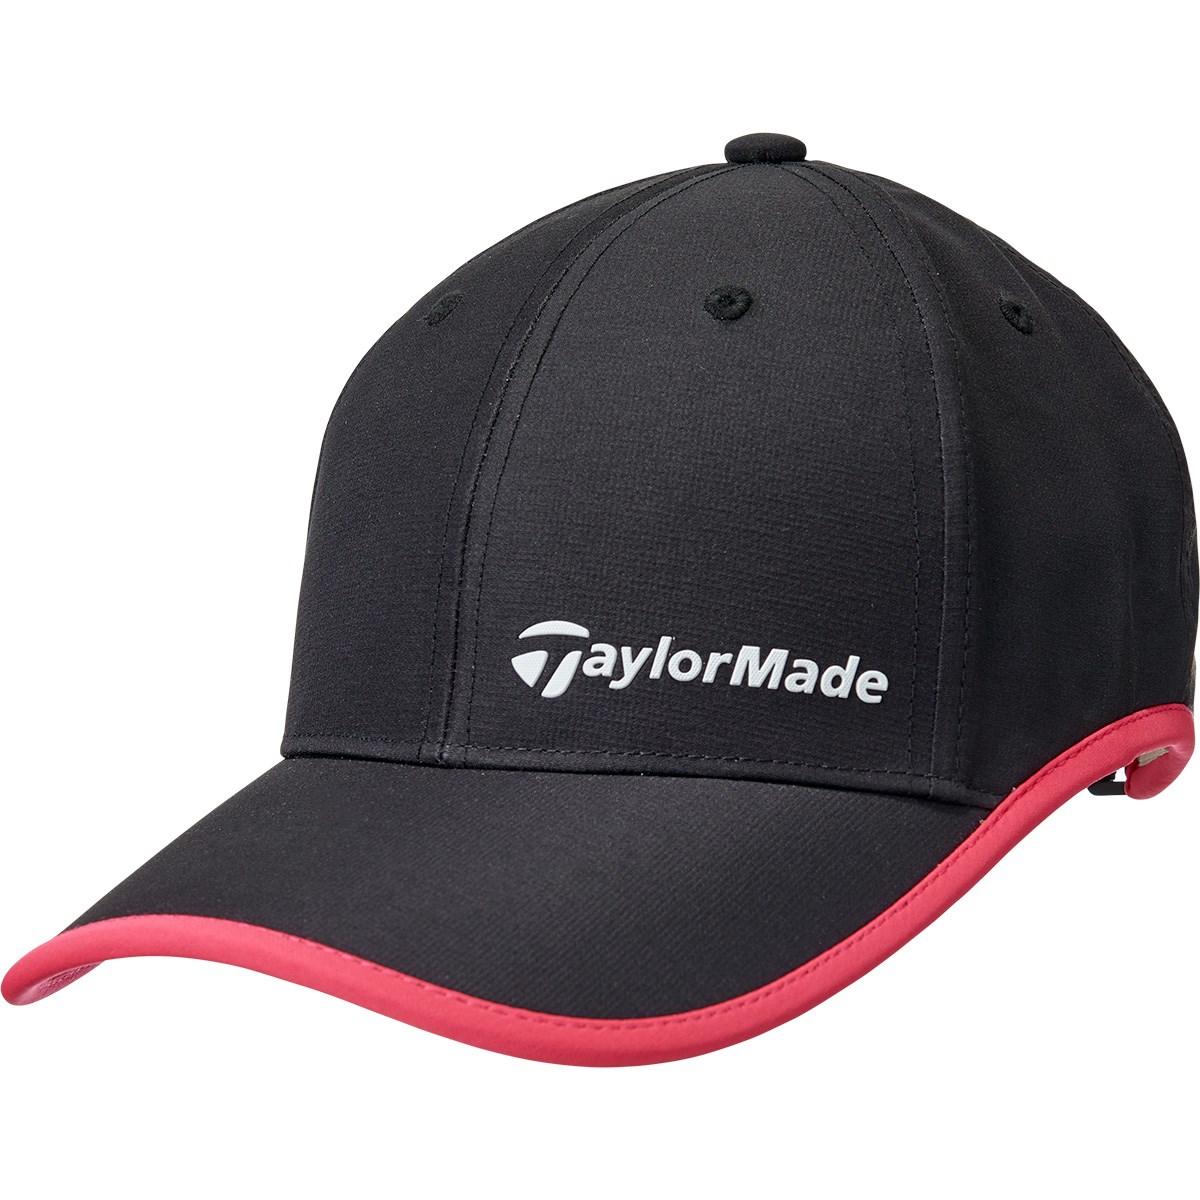 テーラーメイド Taylor Made コントラストトリム キャップ フリー ブラック レディス